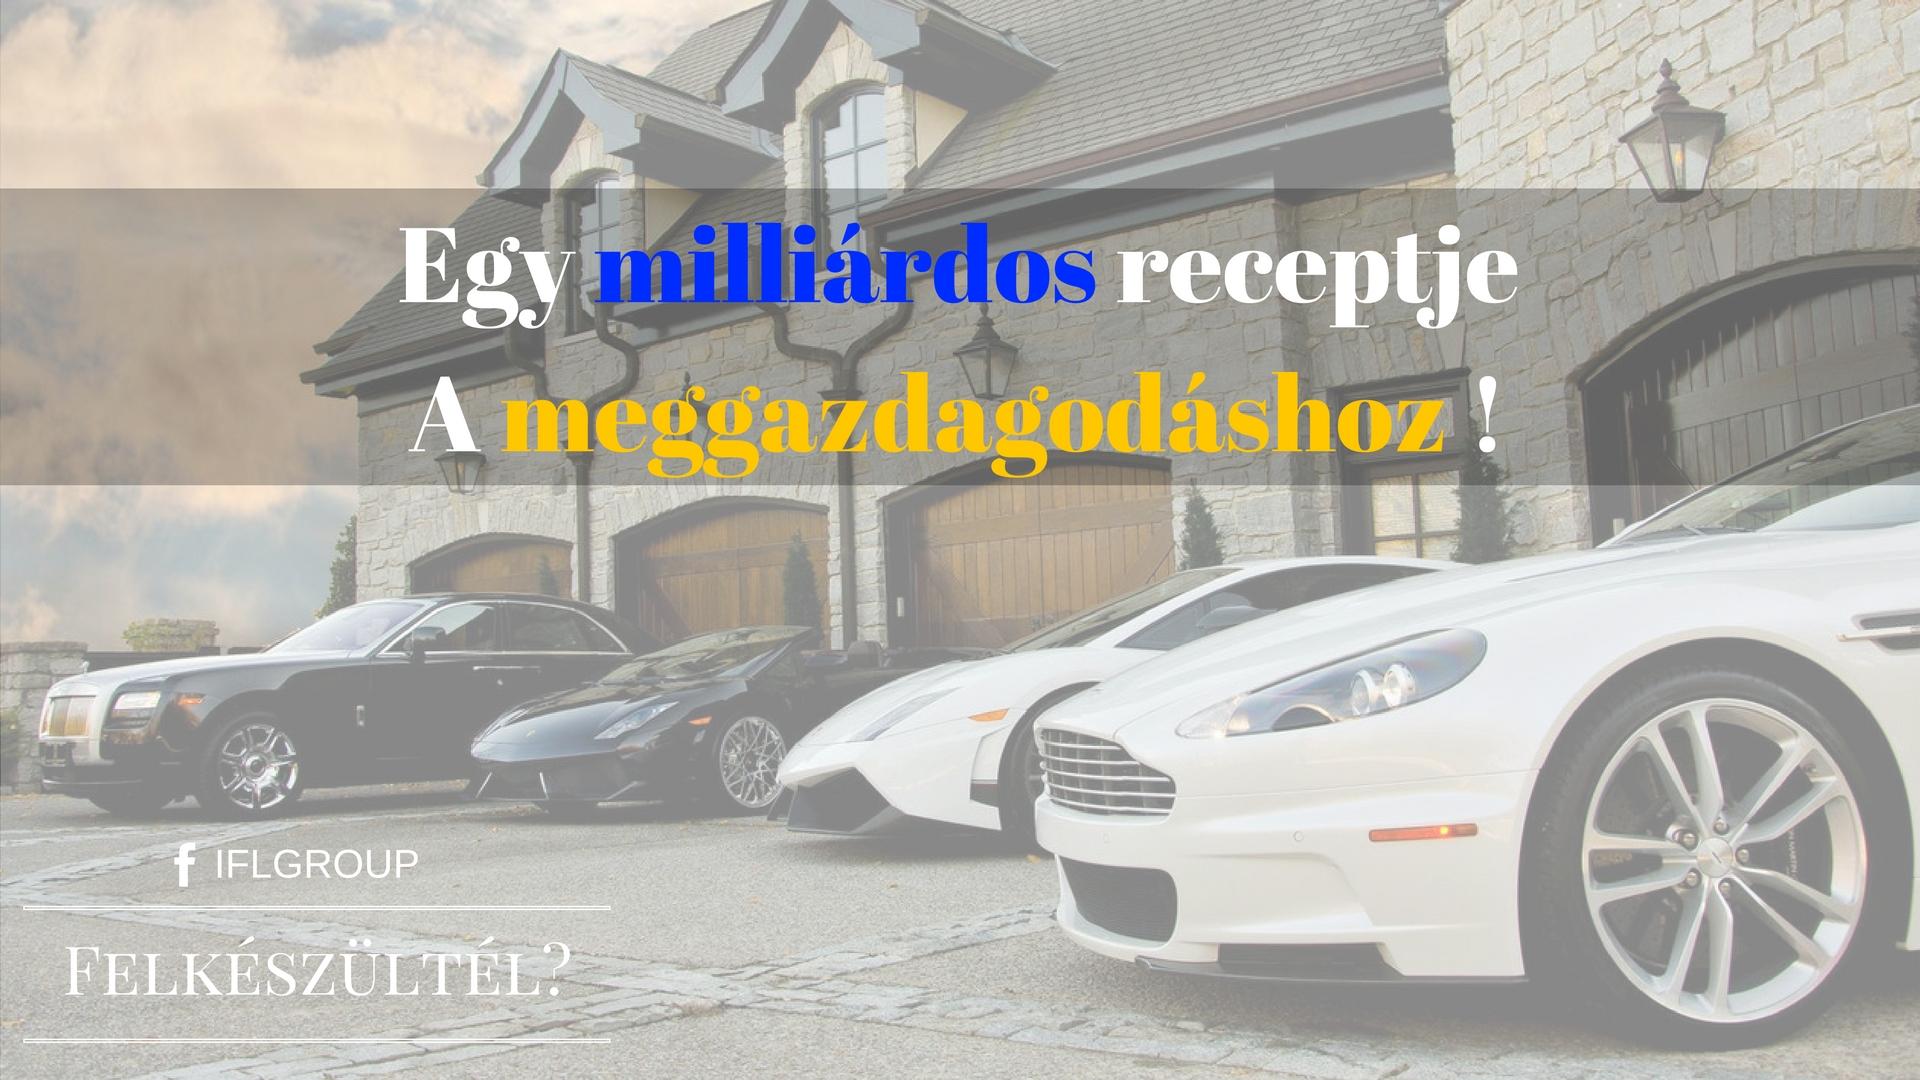 Lehet, hogy milliomos a szomszédod, csak nem tudsz róla. - INGYENEBÉD